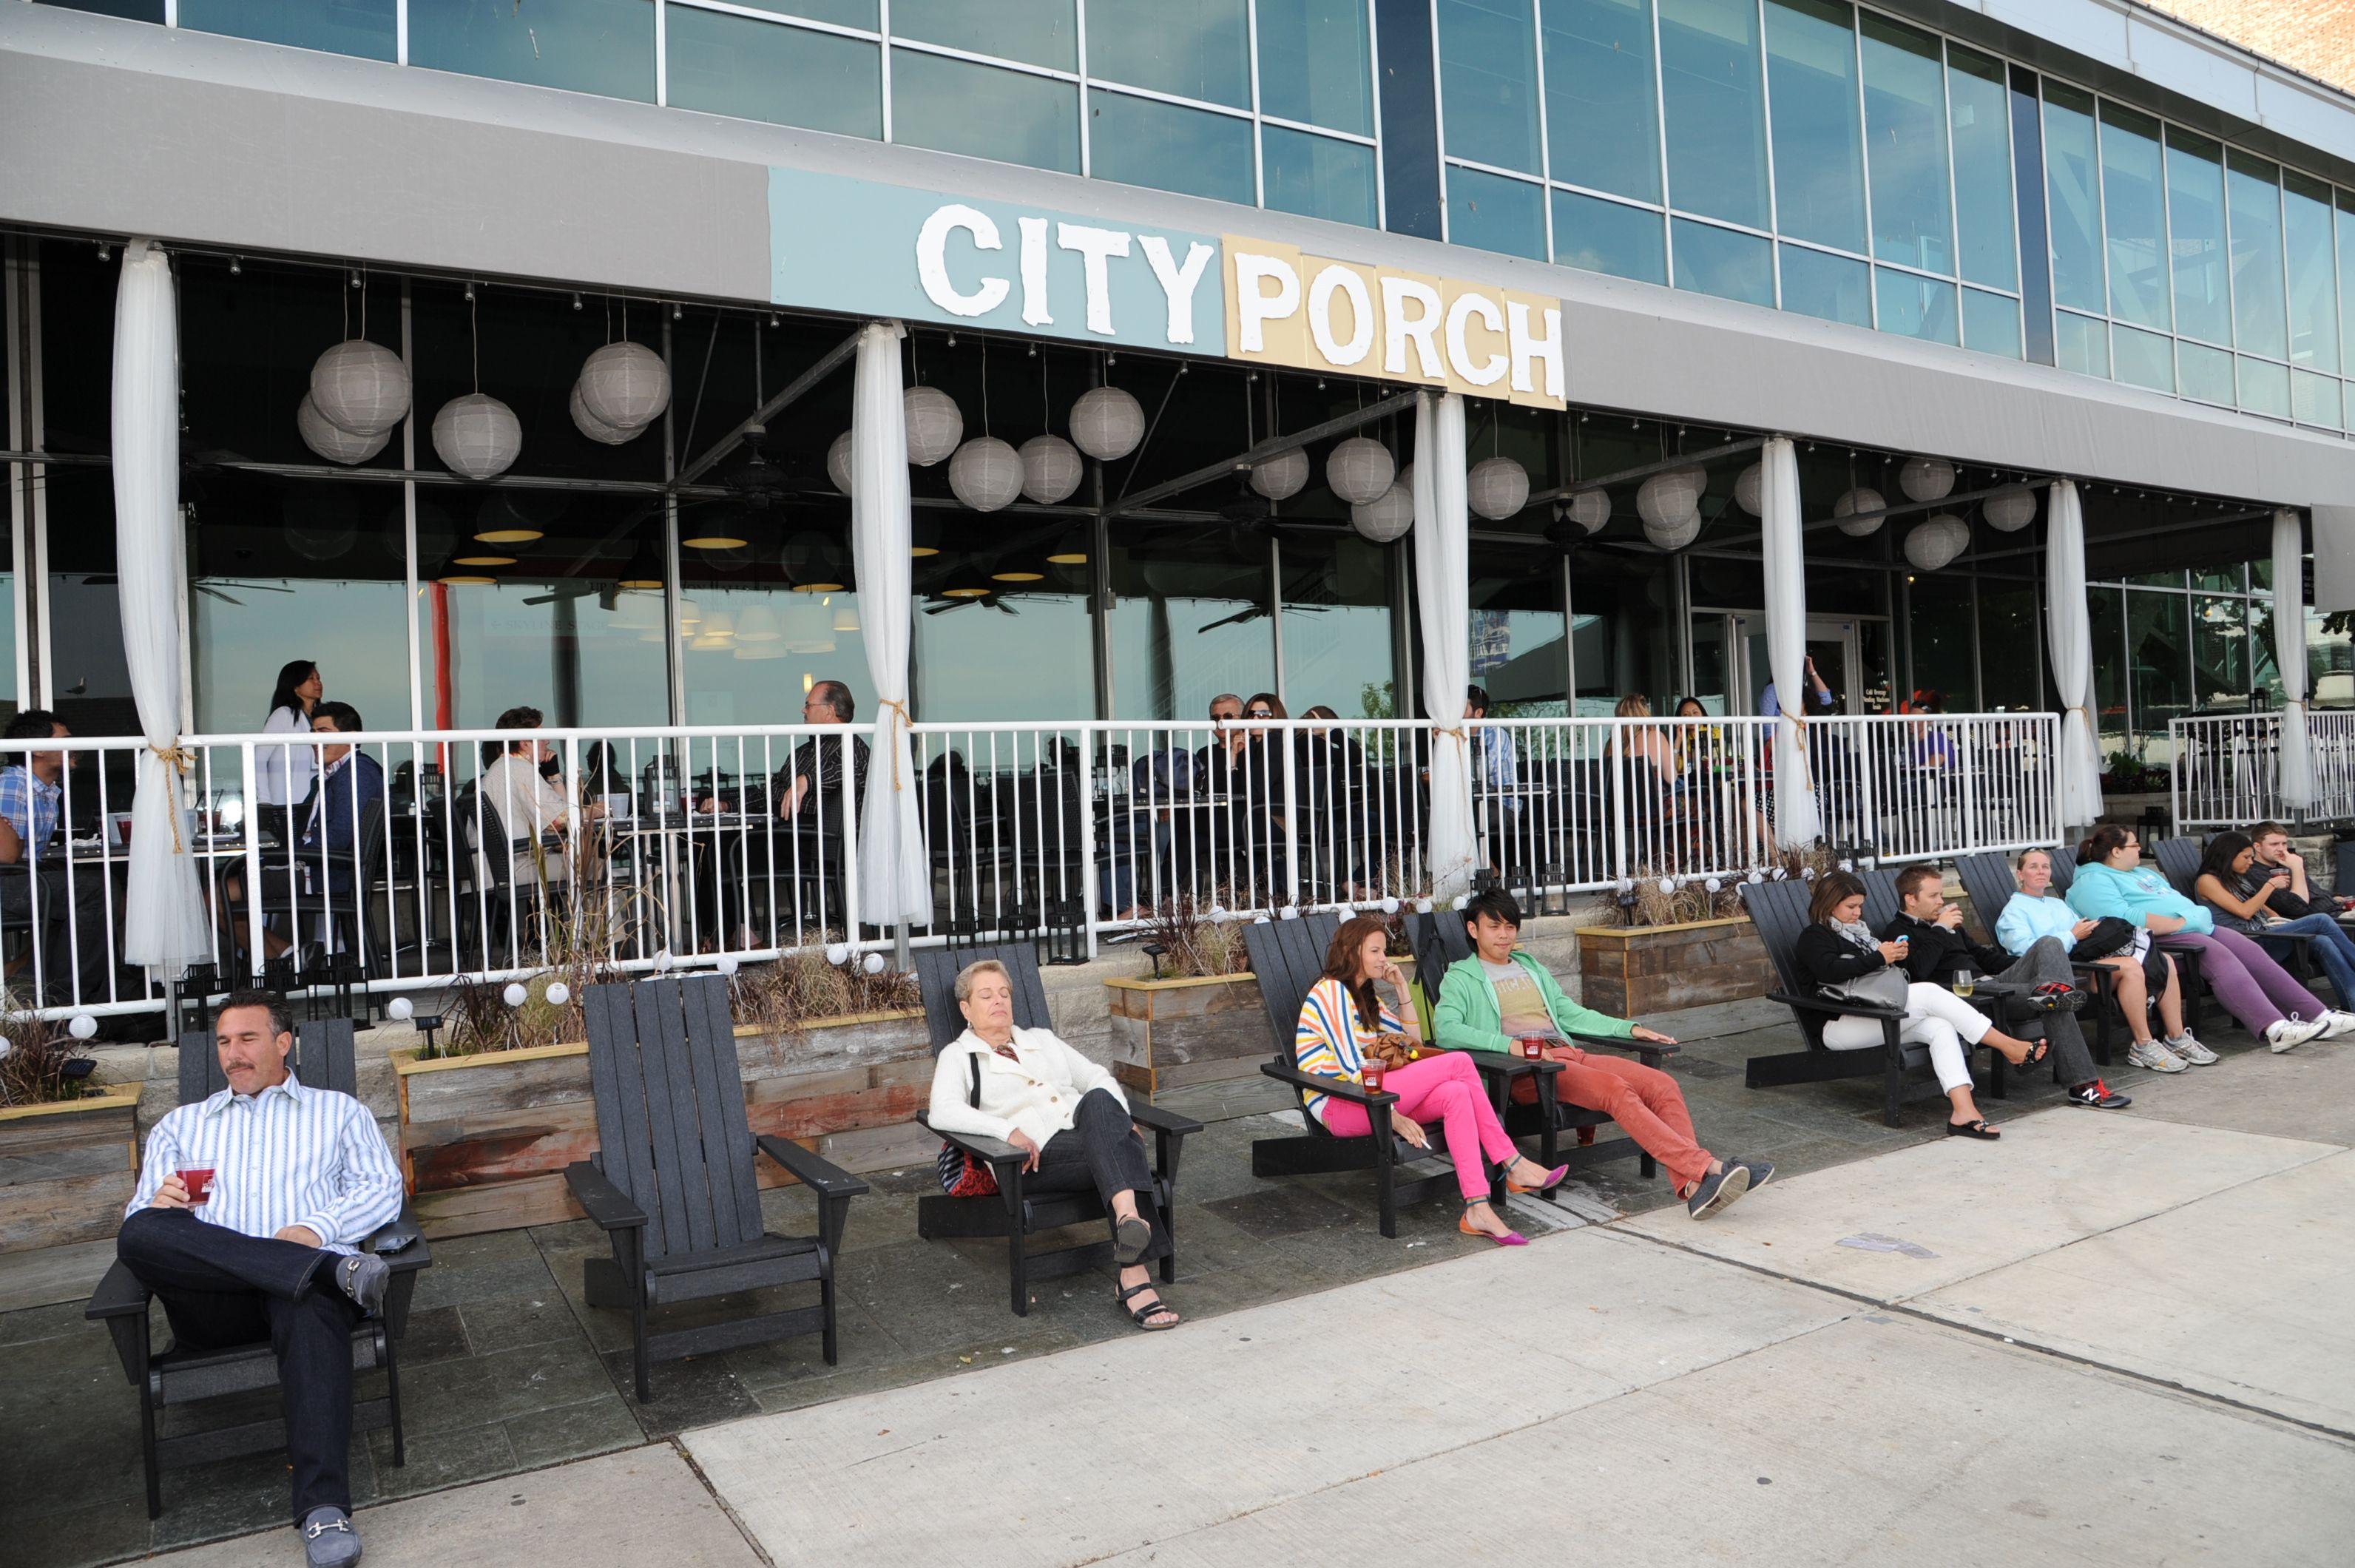 Pop Up Restaurant City Porch Open Seasonally At Navy Pier